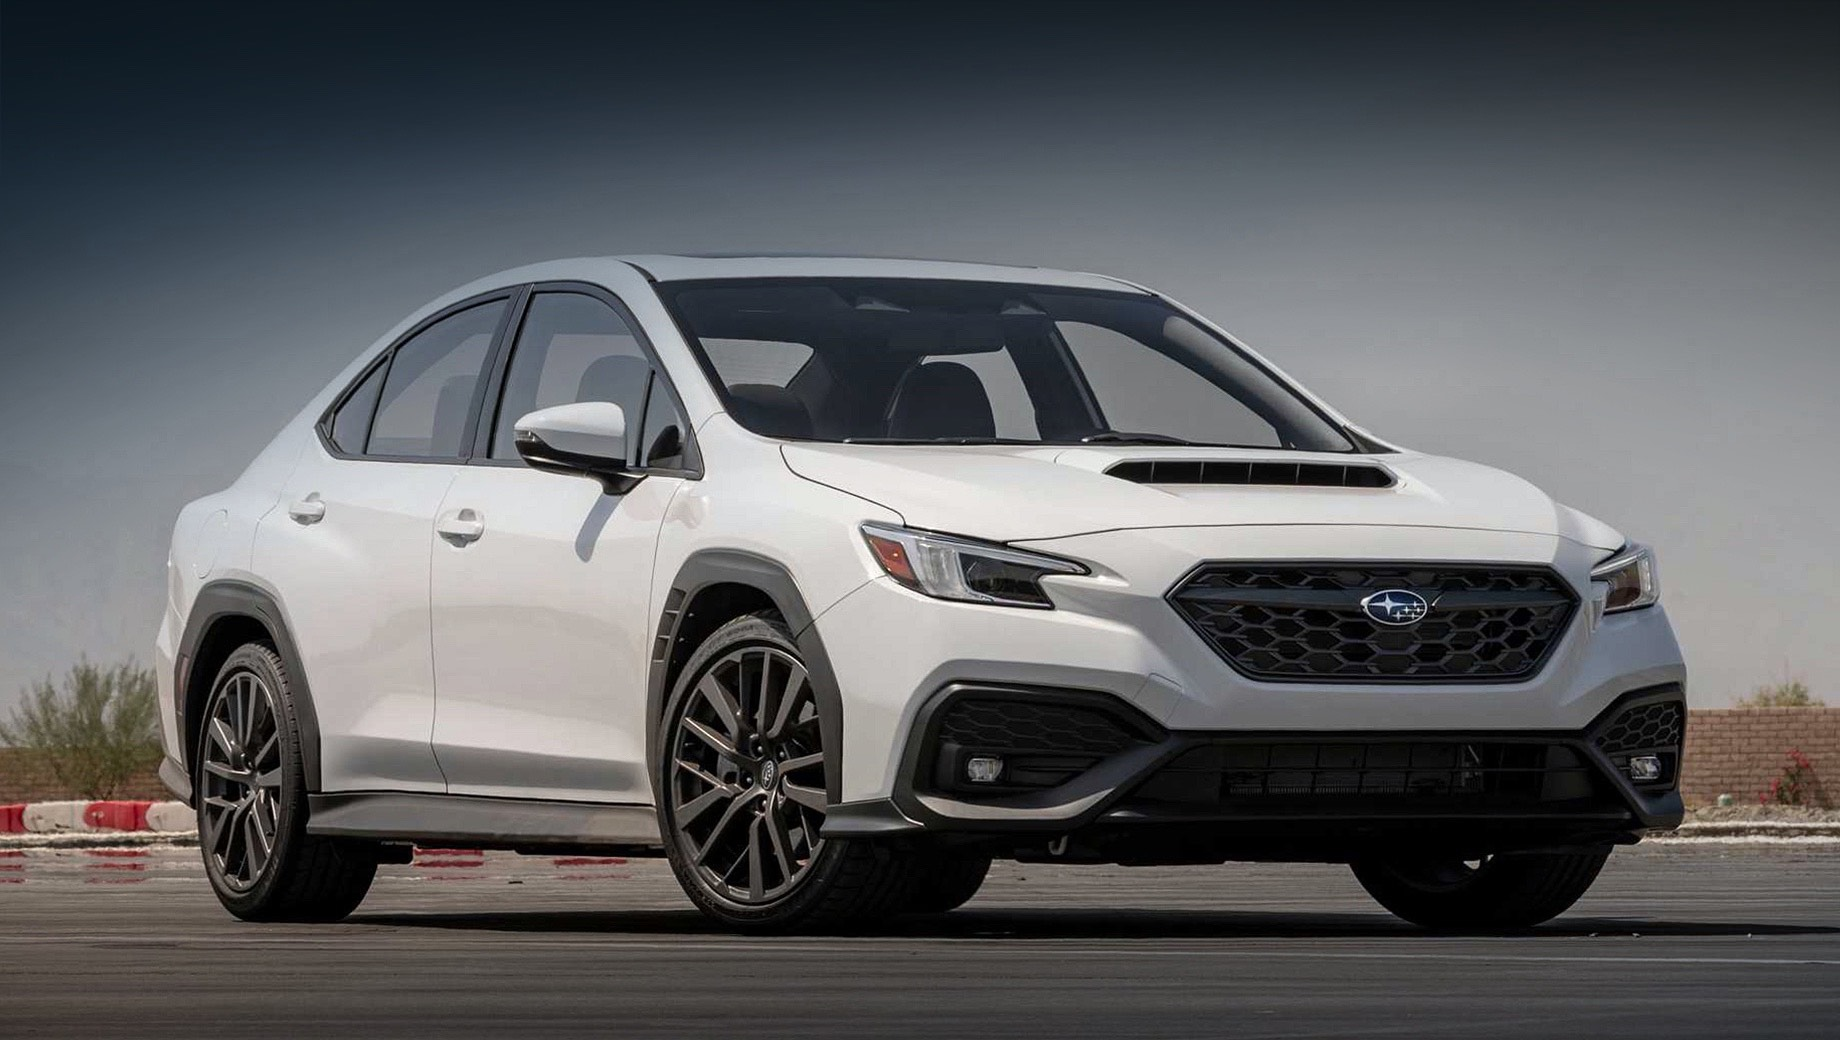 Subaru wrx. Следуя заветам концепта Viziv Performance (2017), WRX по дизайну повторил универсал Levorg. Размеры в сравнении с предшественником: длина — 4669 мм (+74), ширина — 1826 (+31), высота — 1468 (-7), колёсная база — 2672 (+22 мм). Топовые шины — Dunlop SP Sport Maxx GT (245/40 R18).